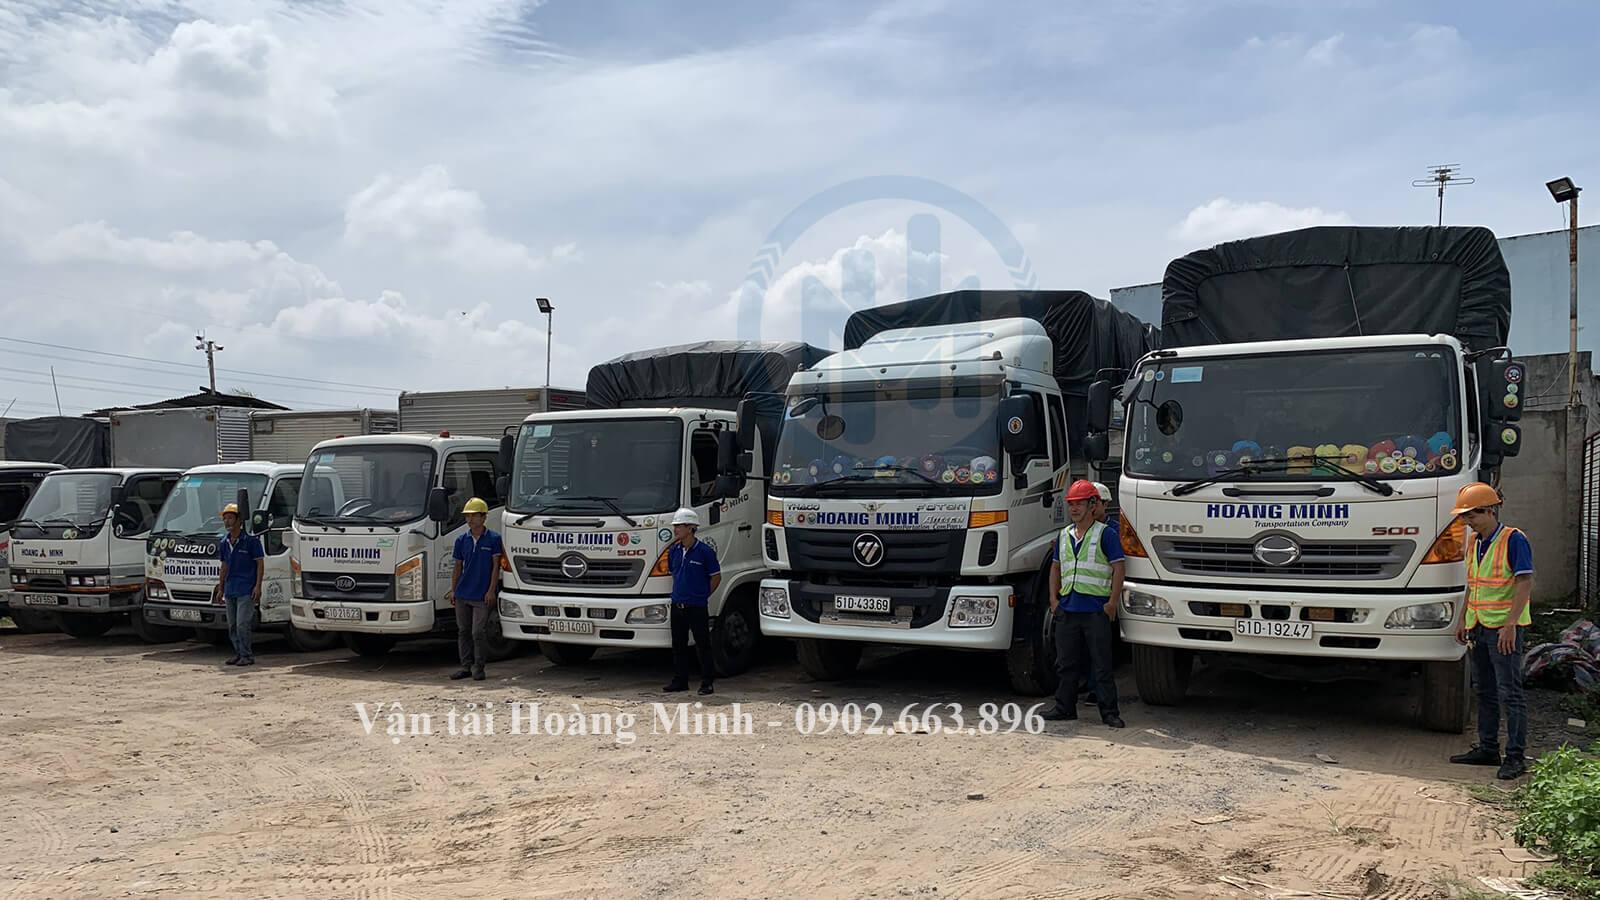 Công ty cho thuê xe tải chở hàng Quận 10 uy tín & chuyên nghiệp